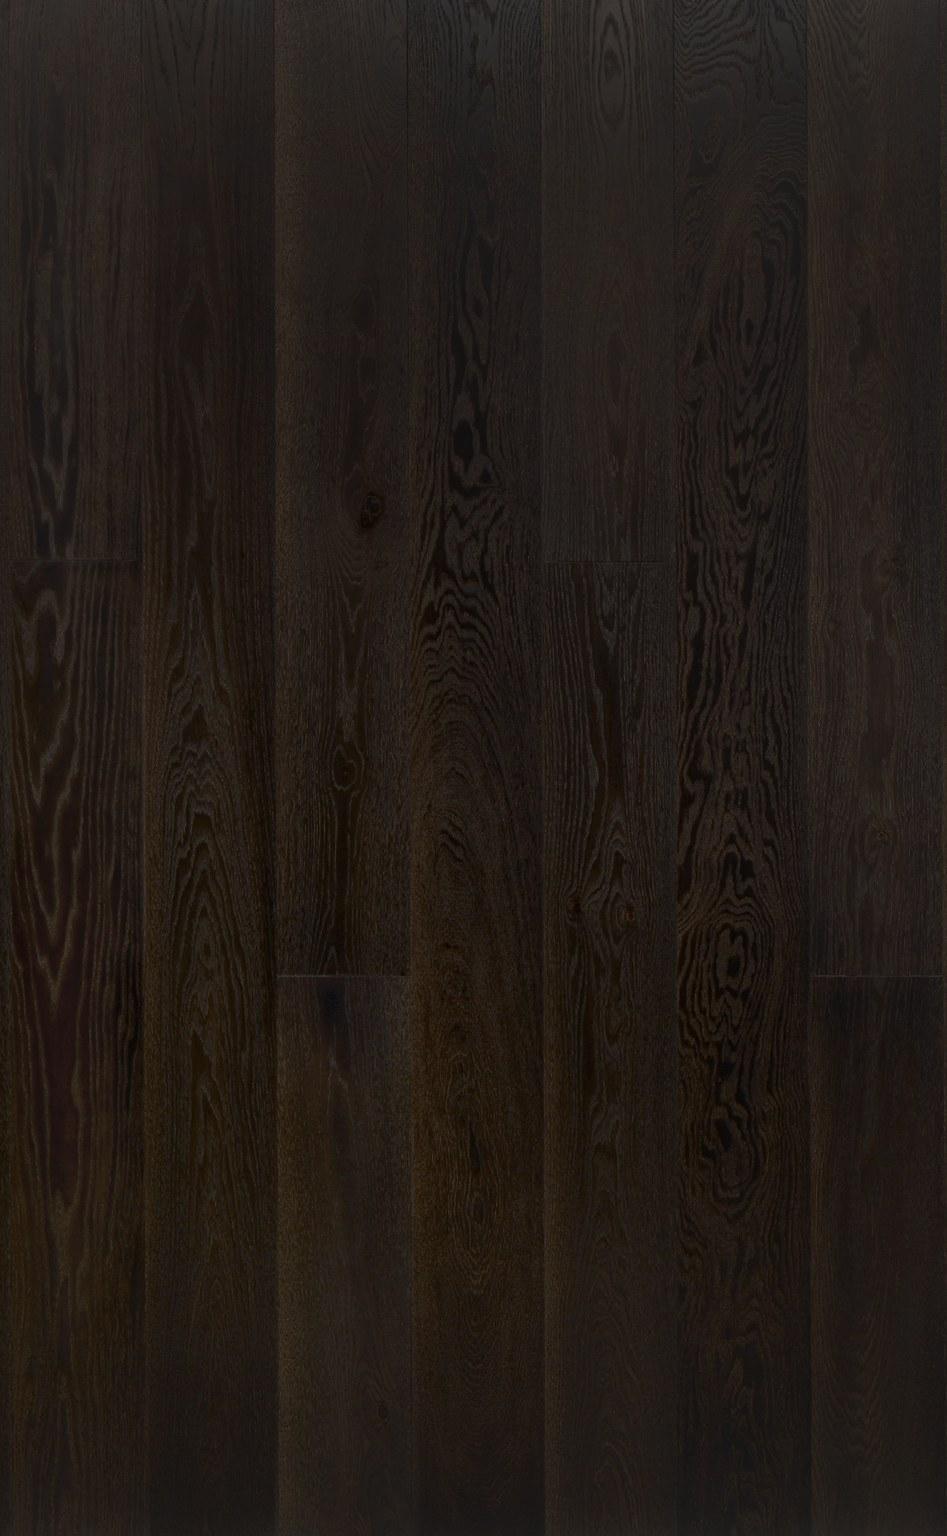 Timberwise parketti lankkuparketti puulattia wooden floor parquet plank Tammi Oak Walnut_2D1